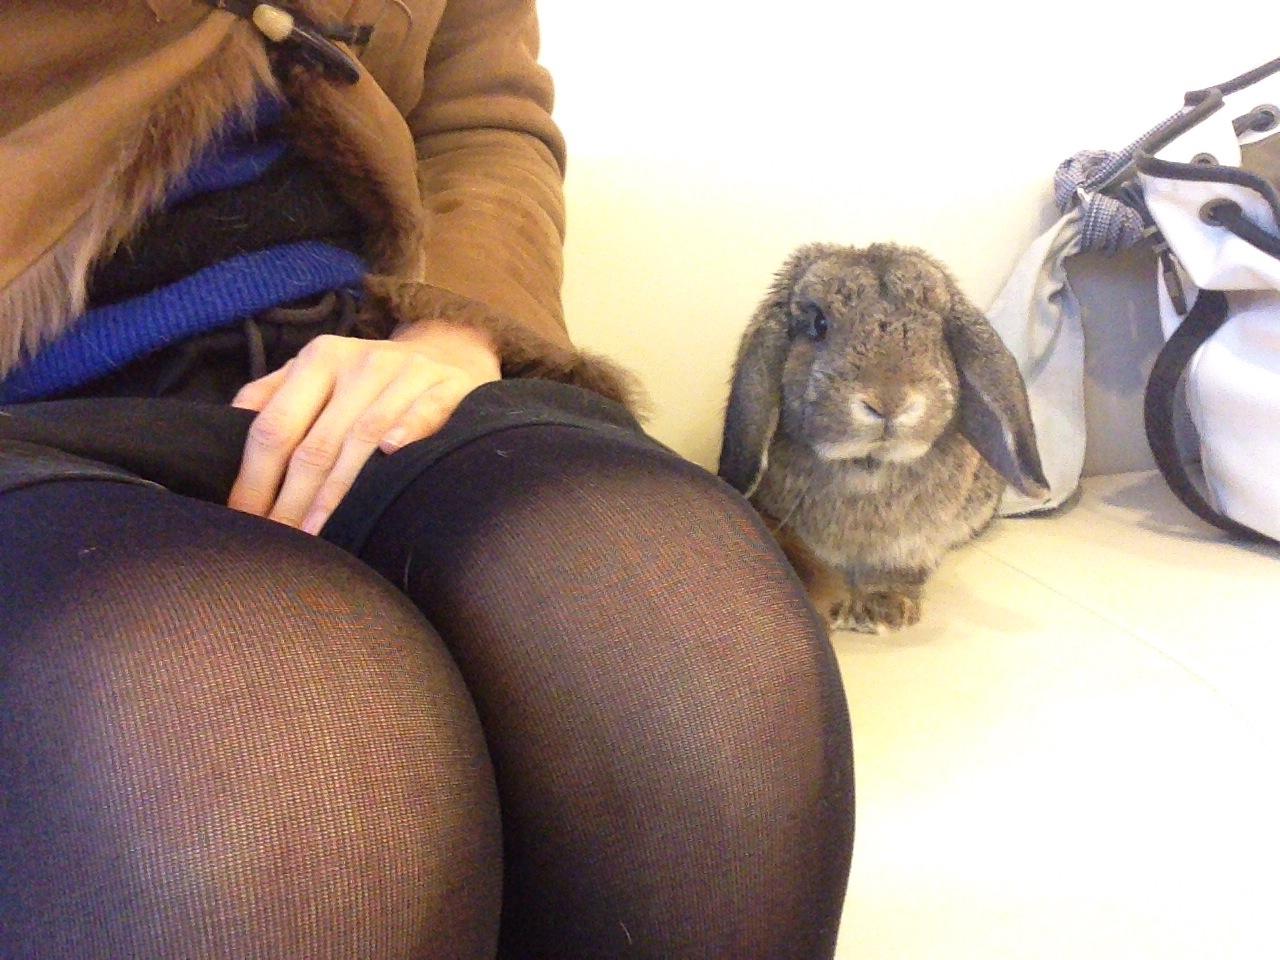 【ズボラ女子とわがままウサギ vol.5】けだまとの突然のお別れ…今でも後悔していること